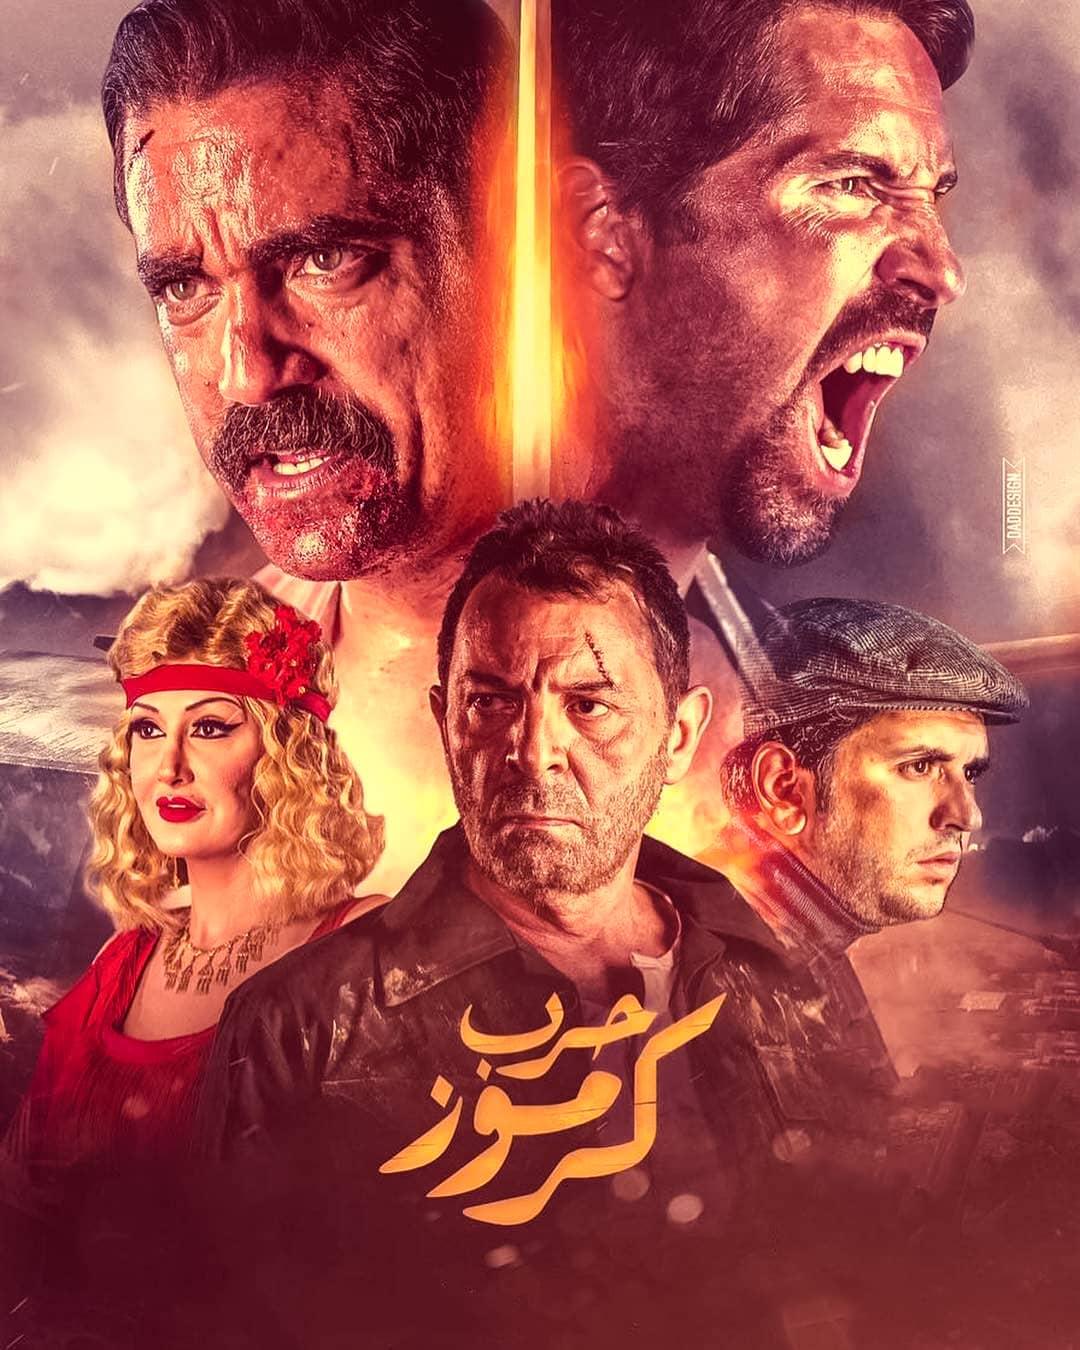 فيلم حرب كرموز 2018